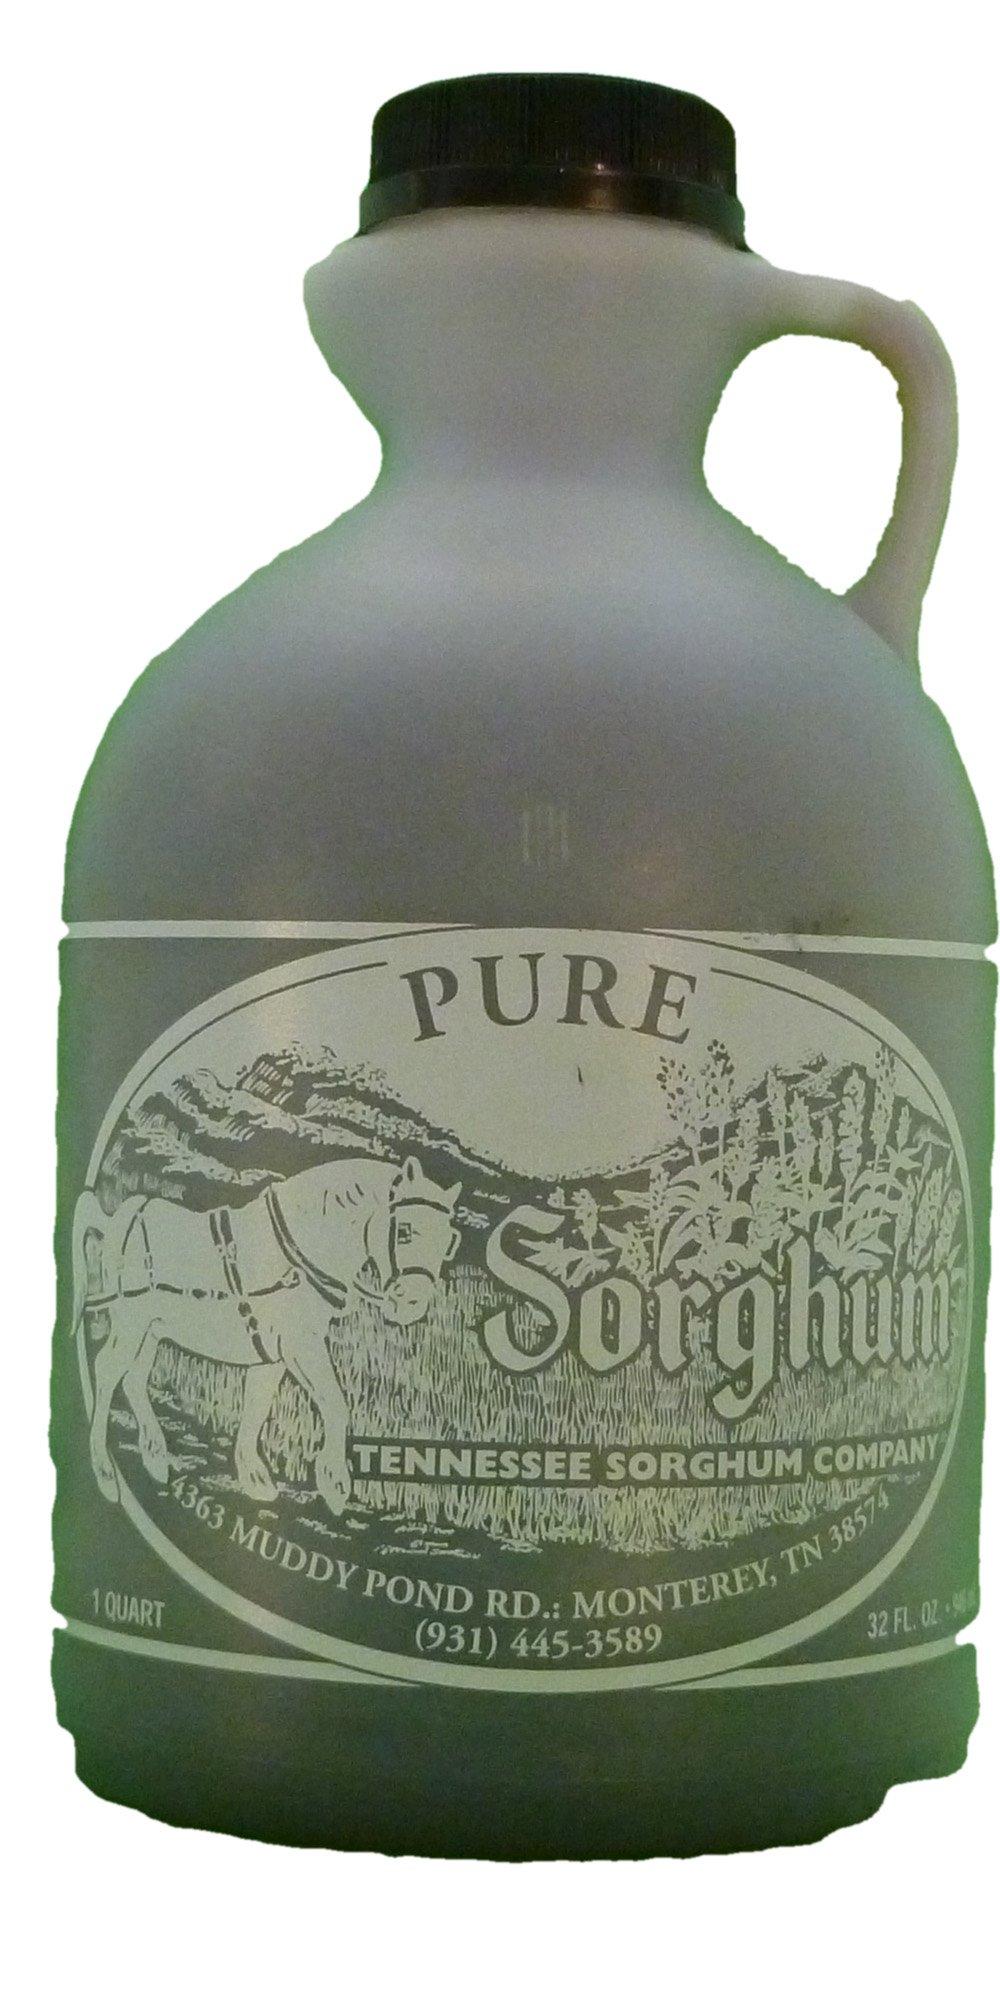 Tennessee Sorghum Quart 32 Ounces